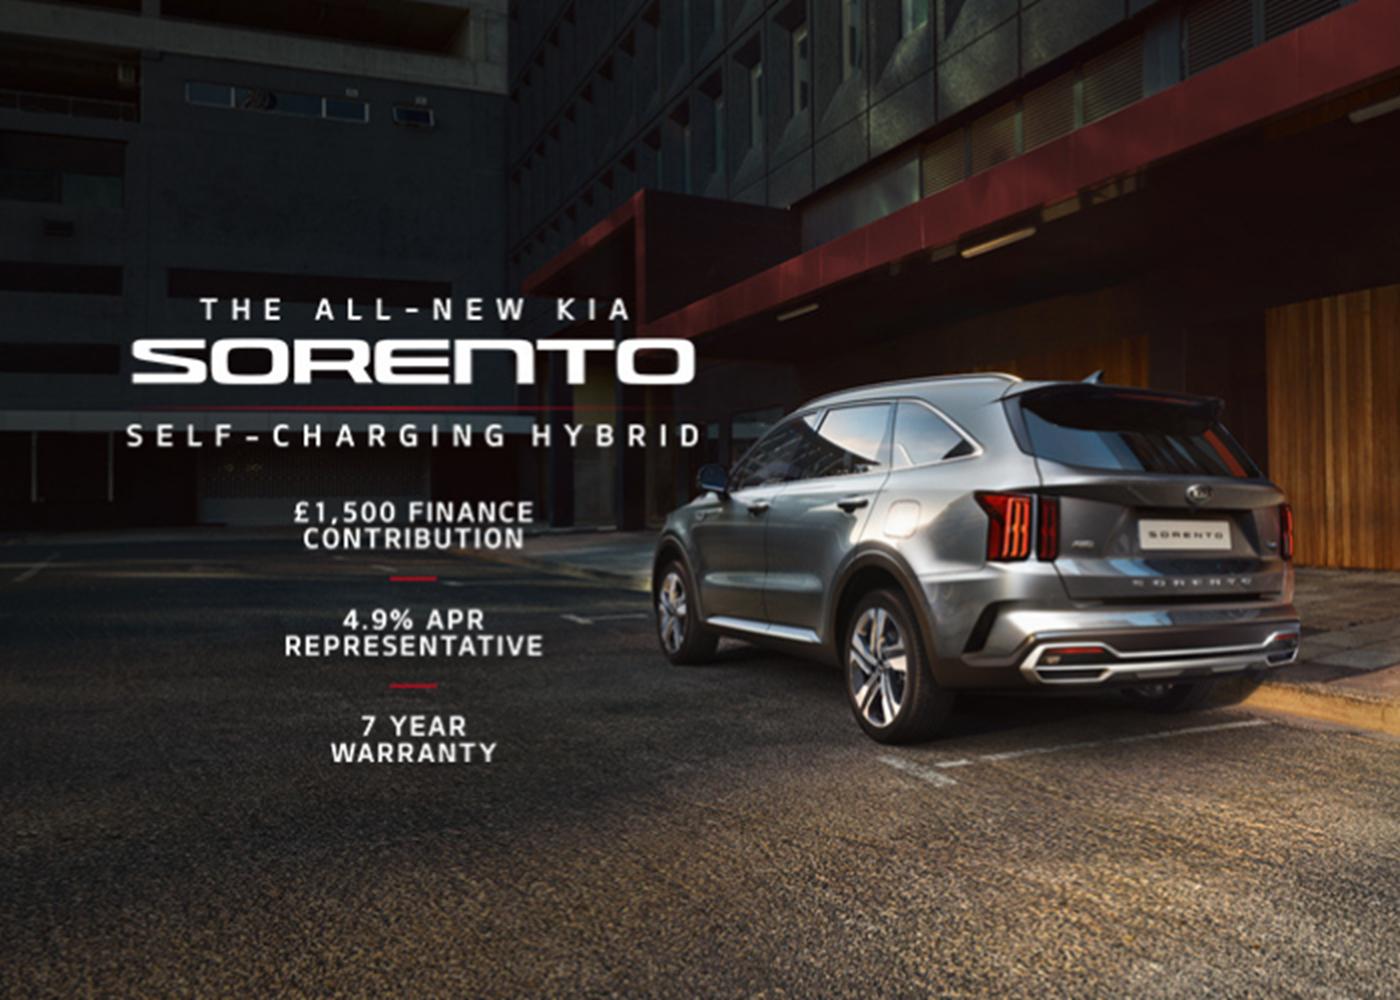 All-New Kia Sorento with 4.9% APR at Chippenham Motor Company